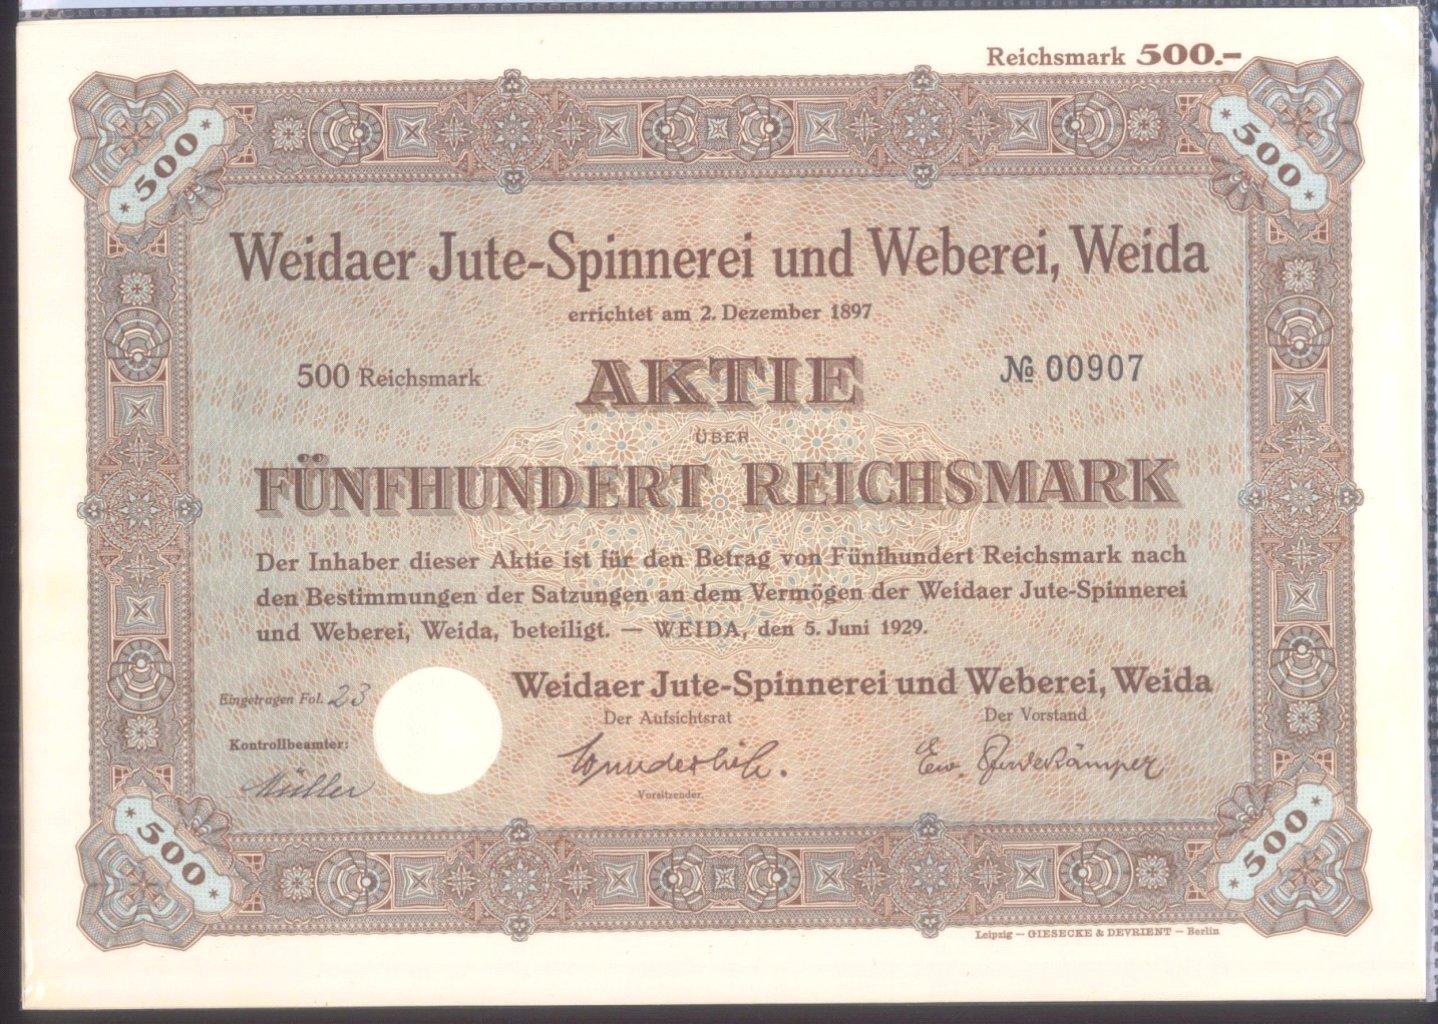 Banknoten, Notgeld, Belege-8